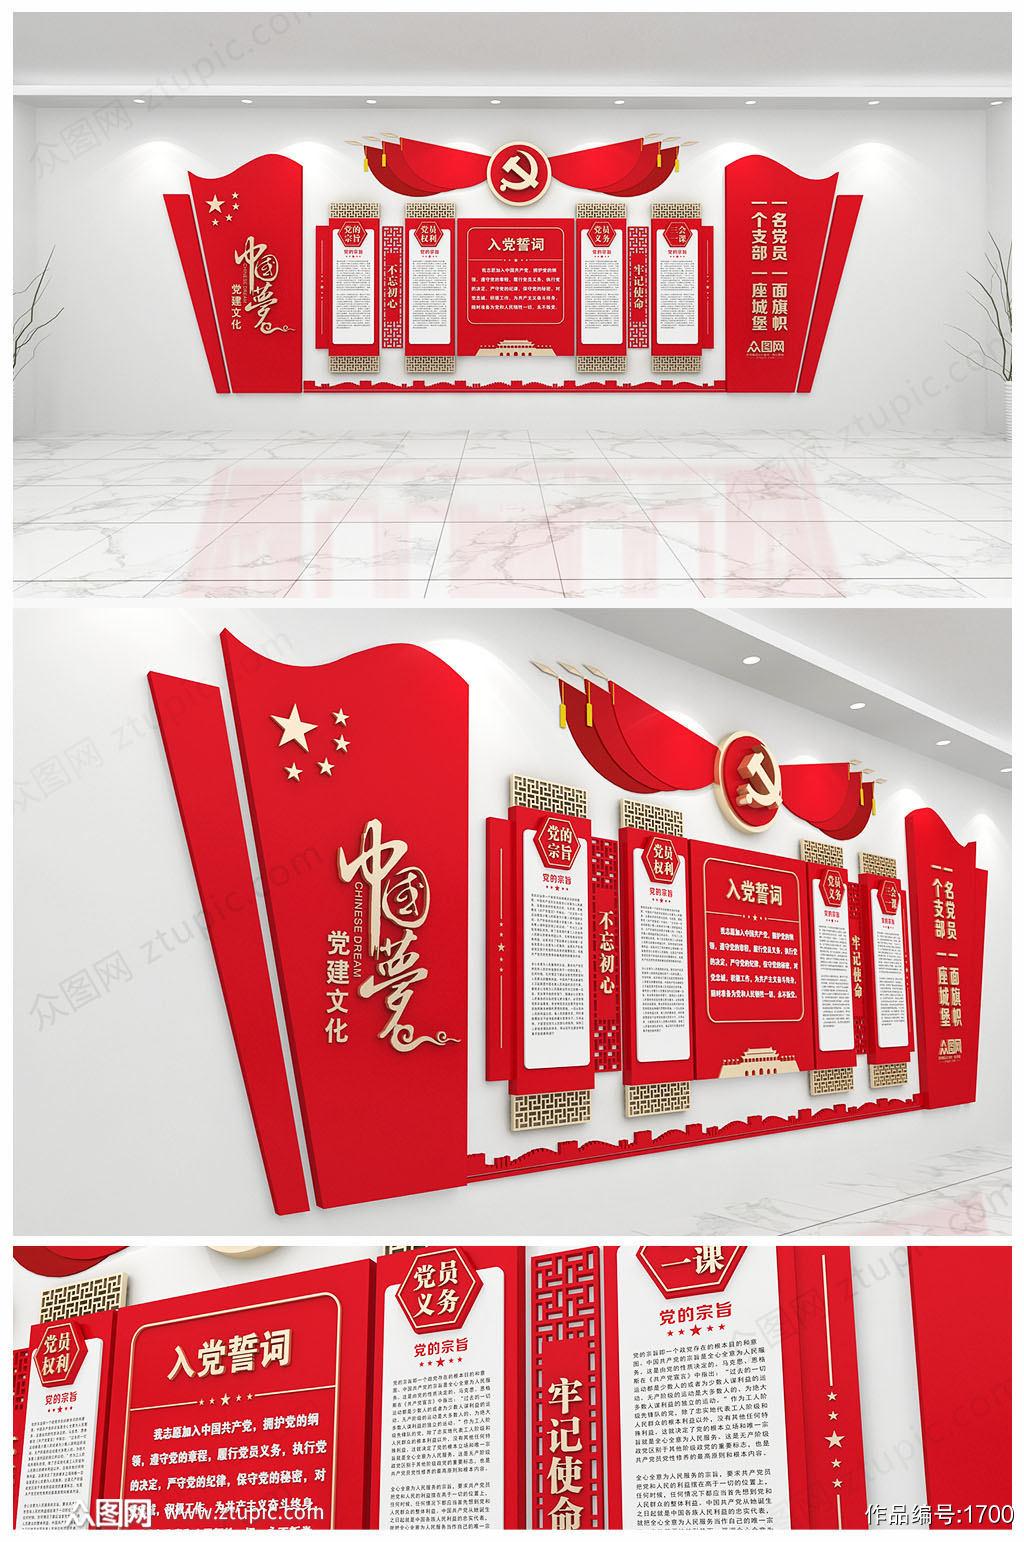 红的创意党建文化墙设计素材